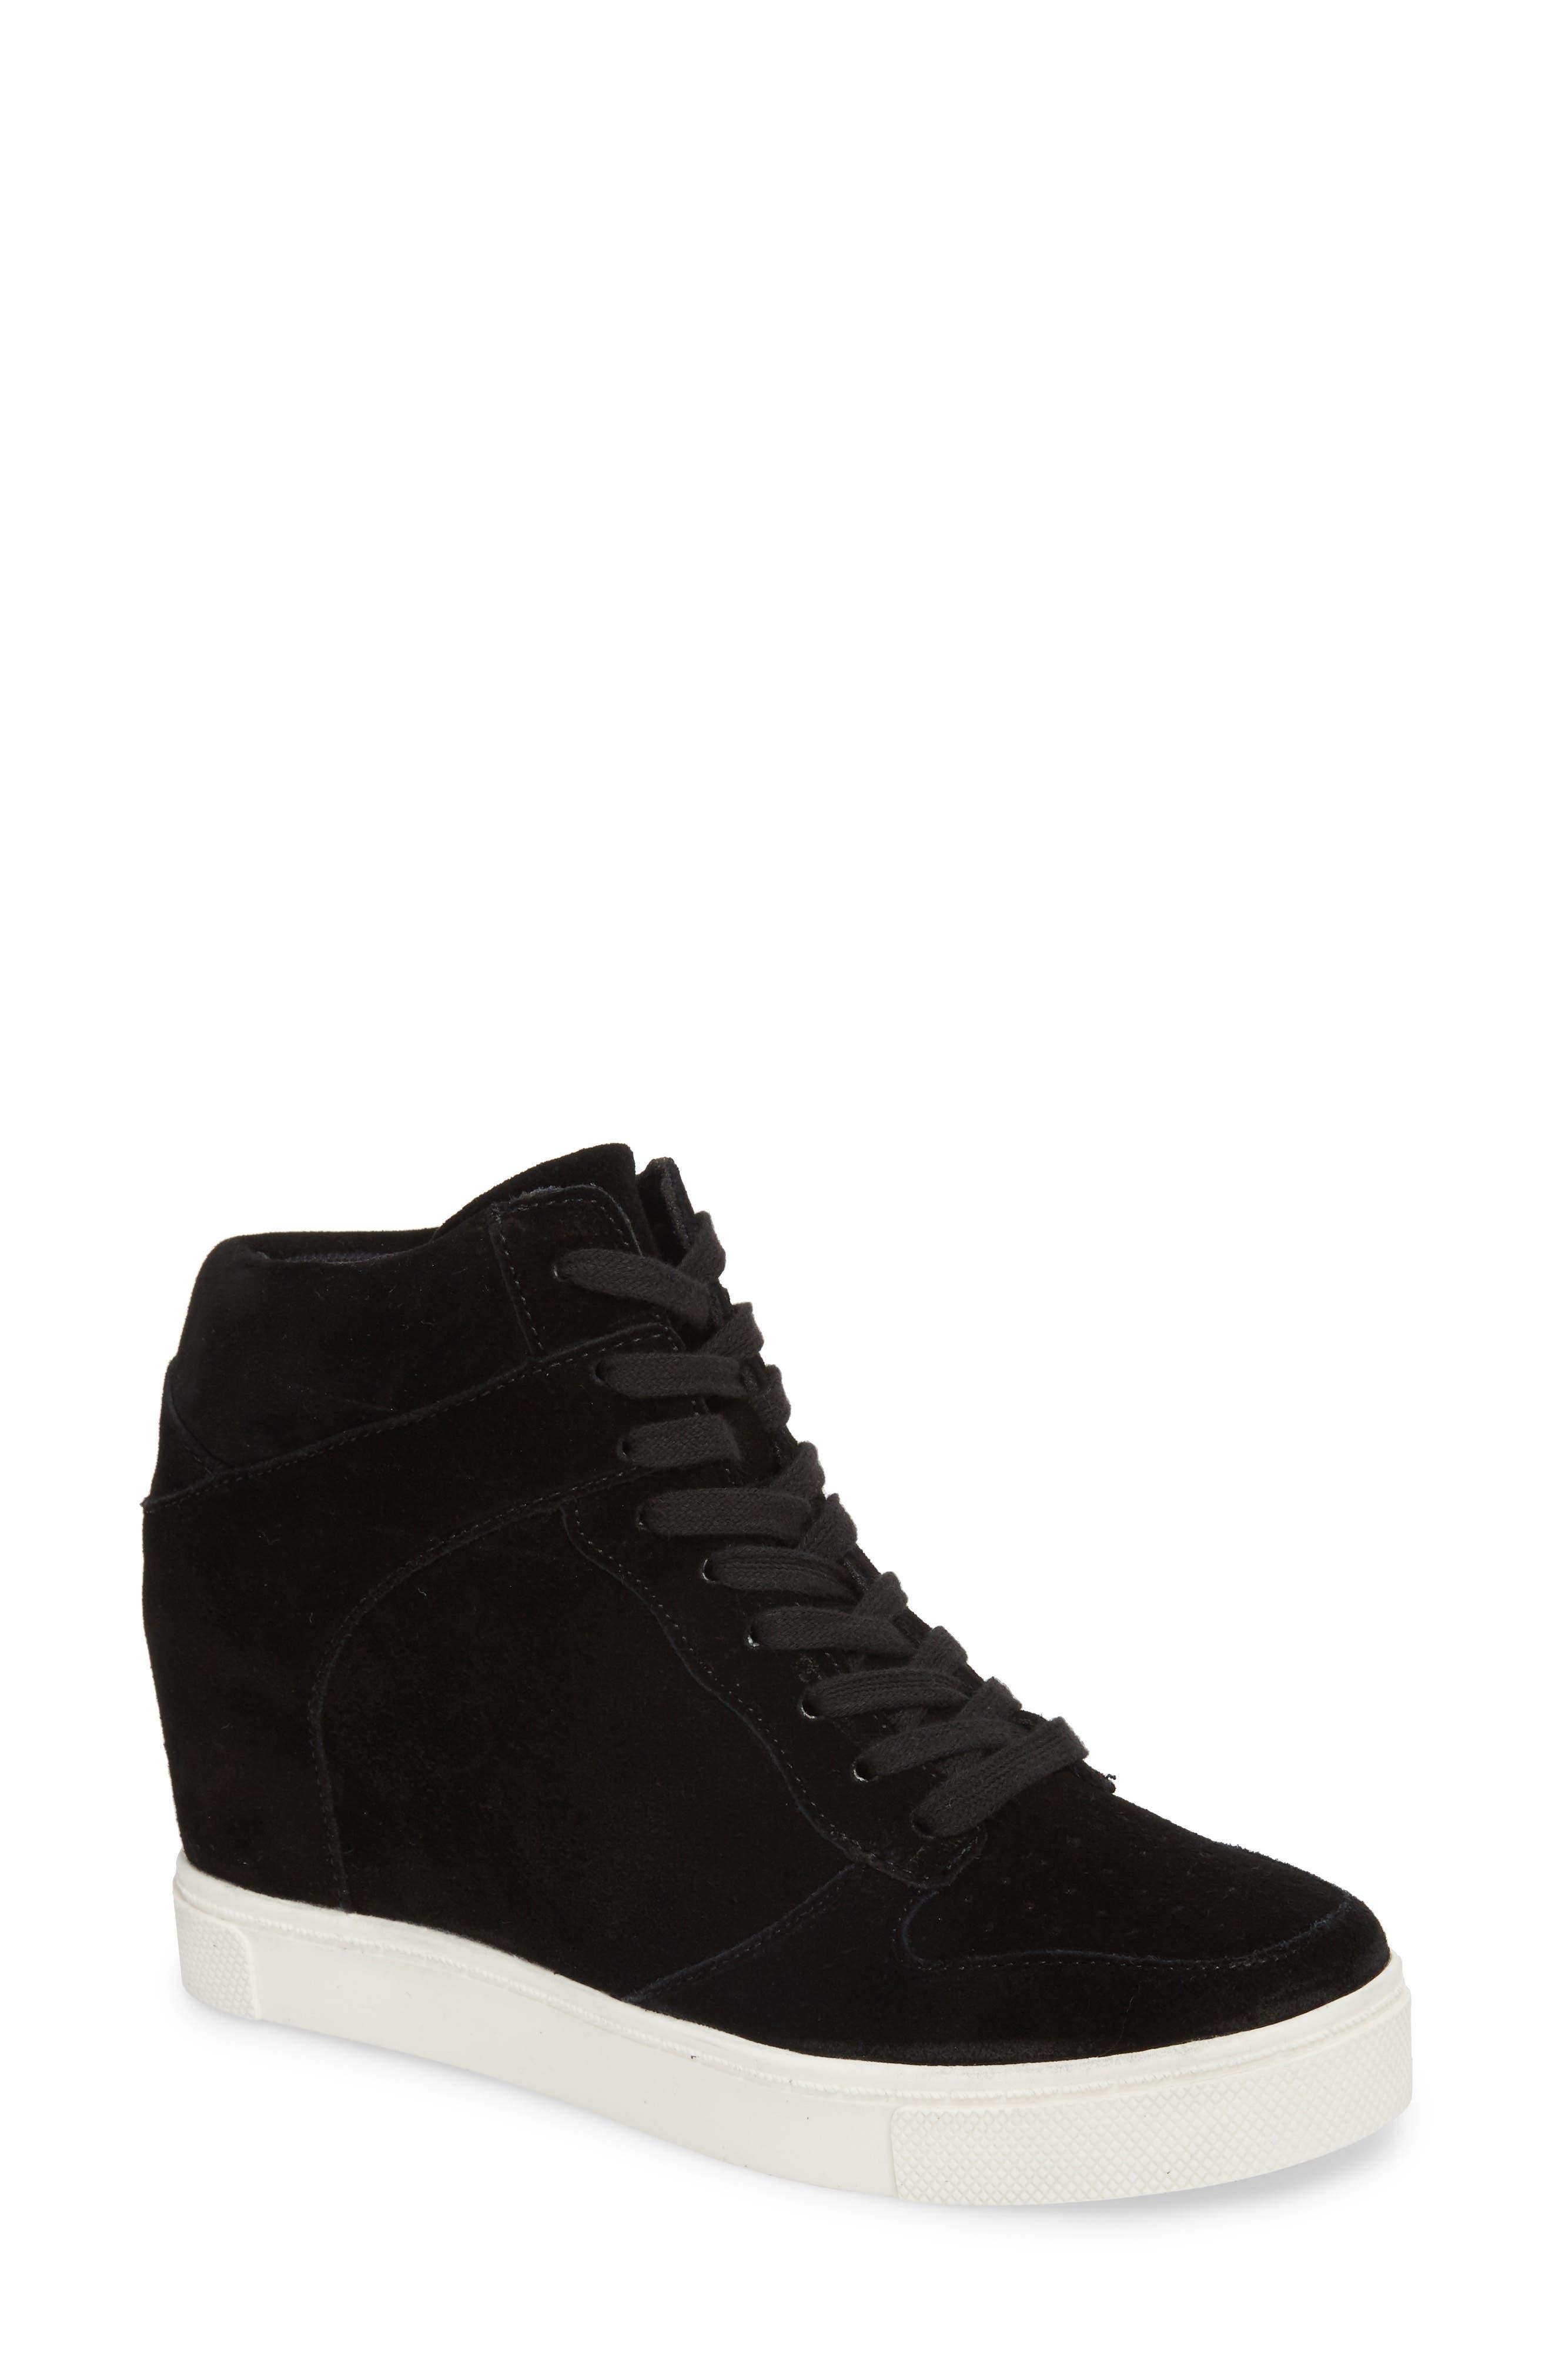 Noah Hidden Wedge Sneaker,                         Main,                         color, 006